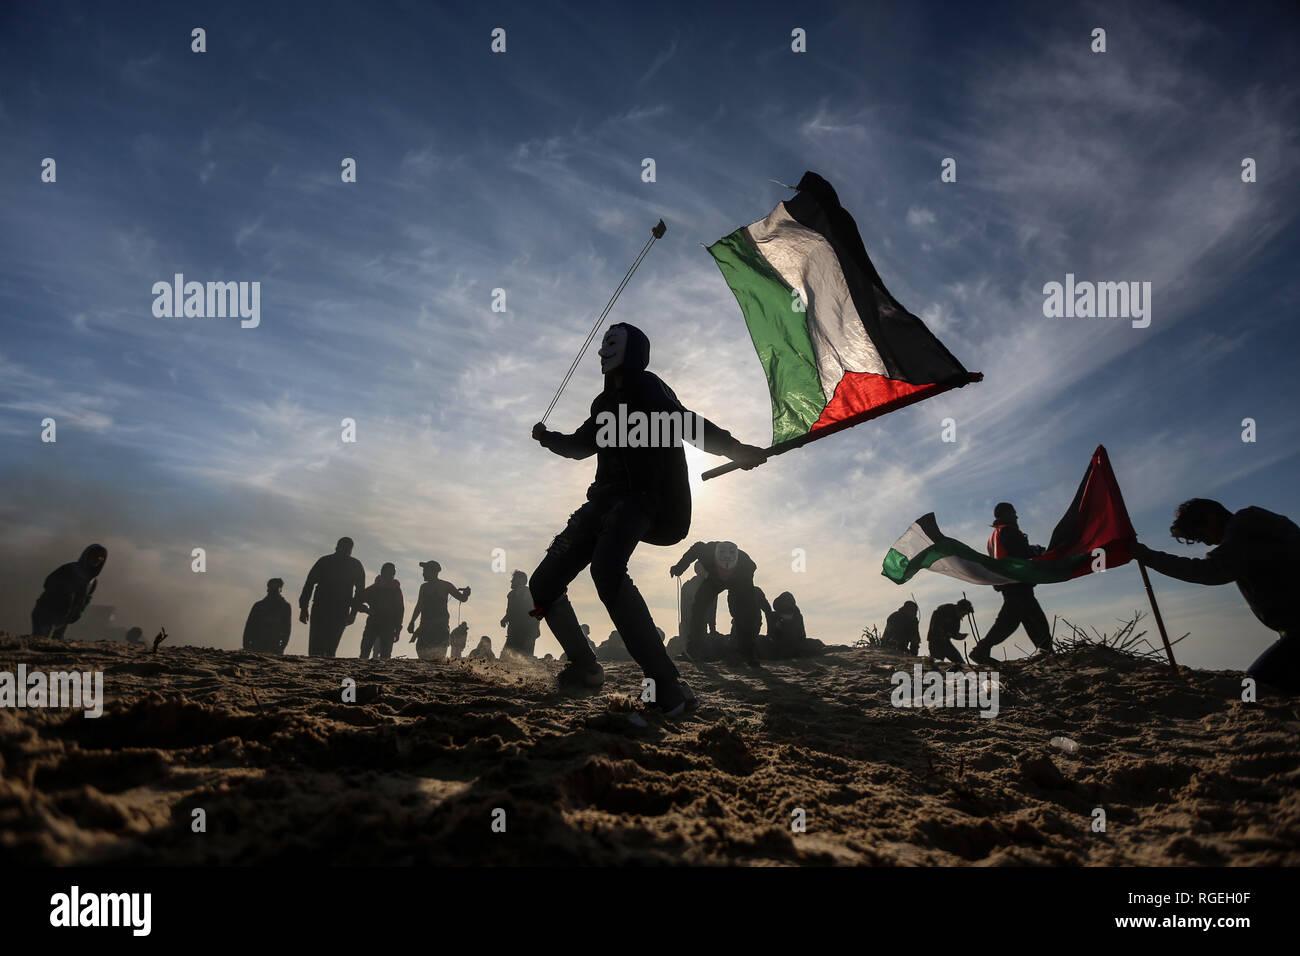 La bande de Gaza. 29 janvier, 2019. Un manifestant palestinien utilise une fronde pour lancer des pierres sur des soldats israéliens lors d'affrontements près de la frontière avec Israël, dans le nord de la bande de Gaza, le 29 janvier 2009, 2019. Au moins 15 Palestiniens ont été blessés par balles mardi après-midi par des tirs de soldats israéliens lors d'affrontements qui ont éclaté au nord de la bande de Gaza, près de la frontière avec Israël, a déclaré que les infirmiers. Credit: Stringer/Xinhua/Alamy Live News Photo Stock